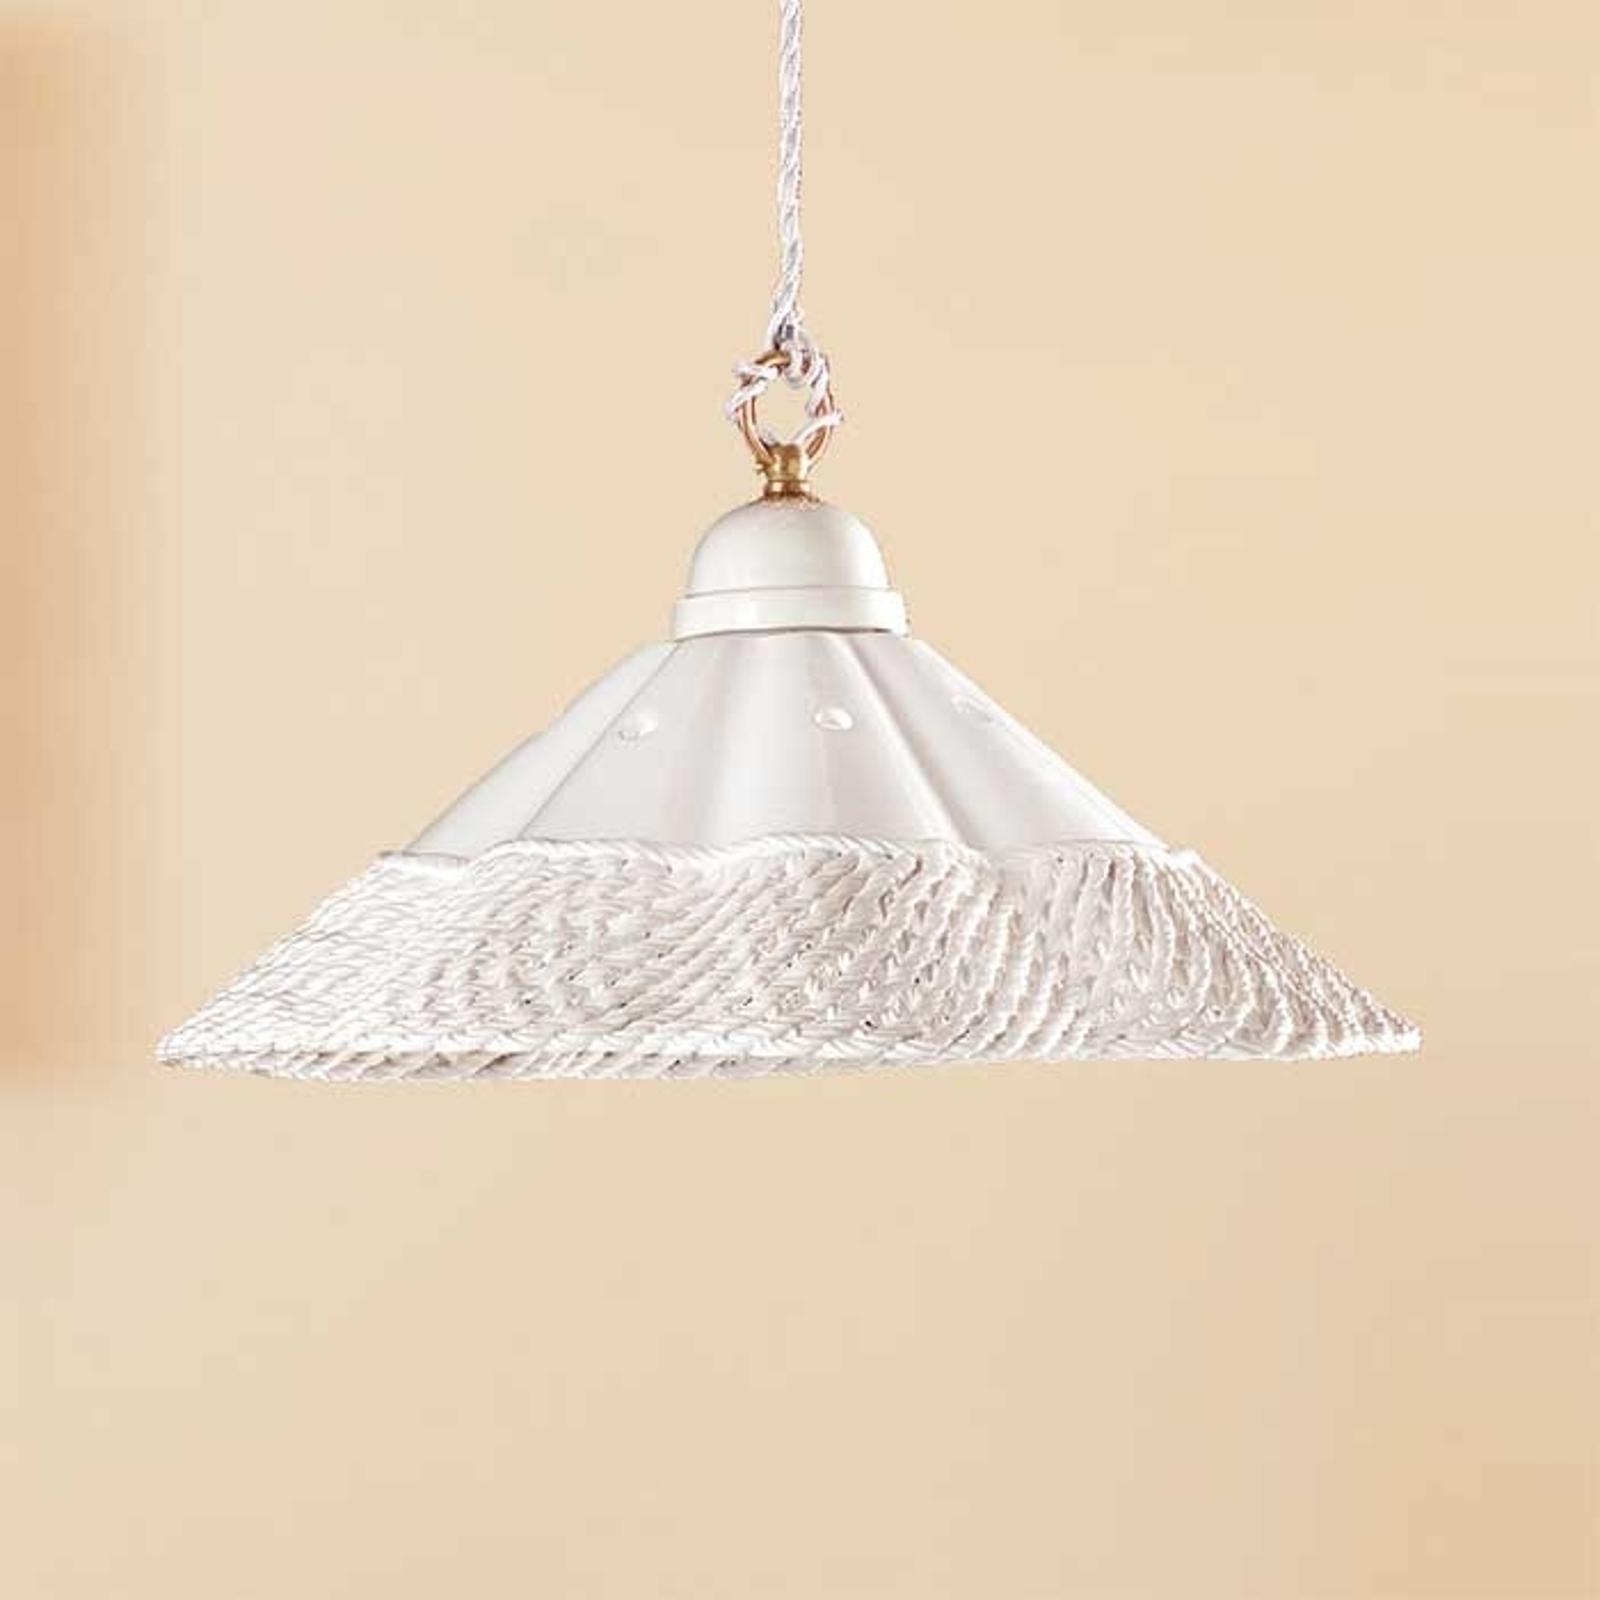 Závesná lampa Gonnella, ozdobný kraj dole_2013067_1